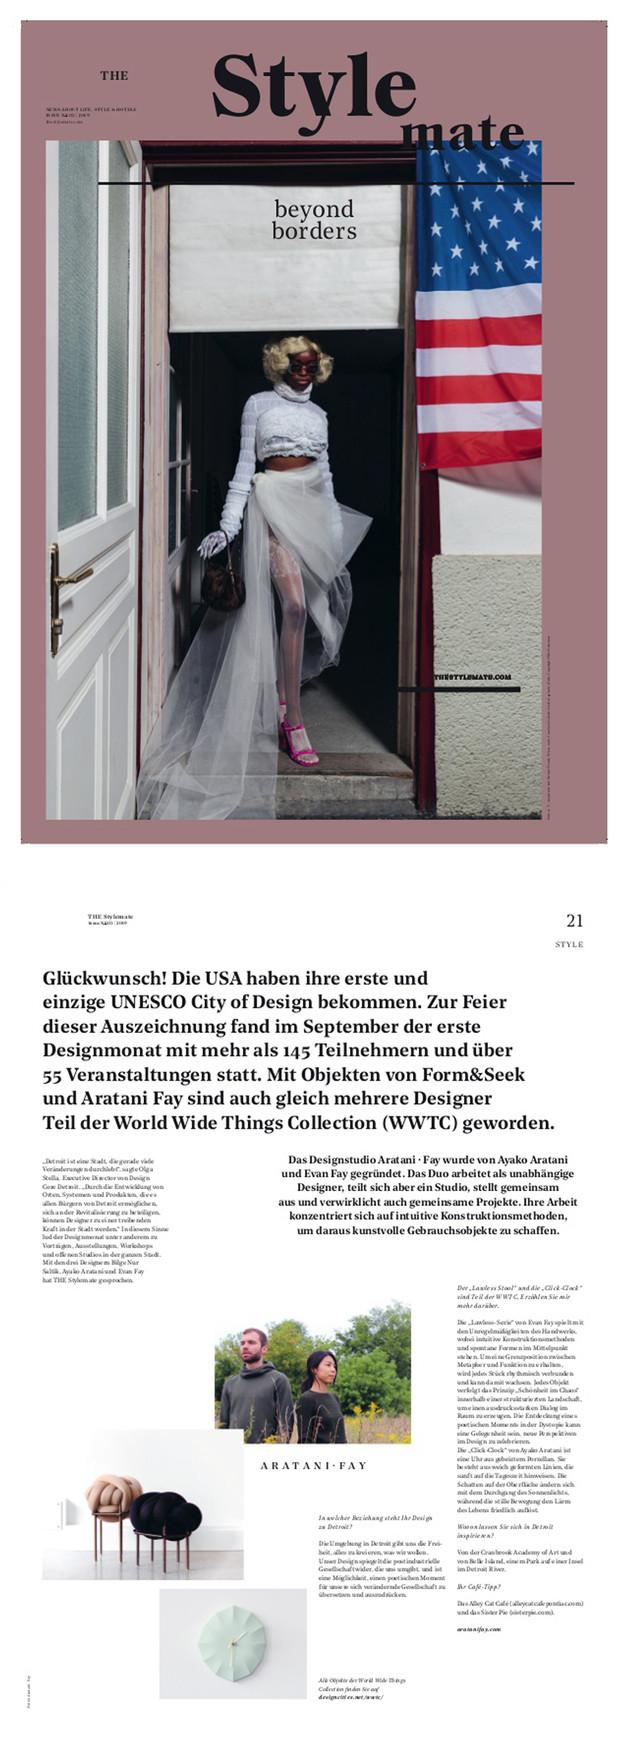 The Stylemate Magazine.jpg